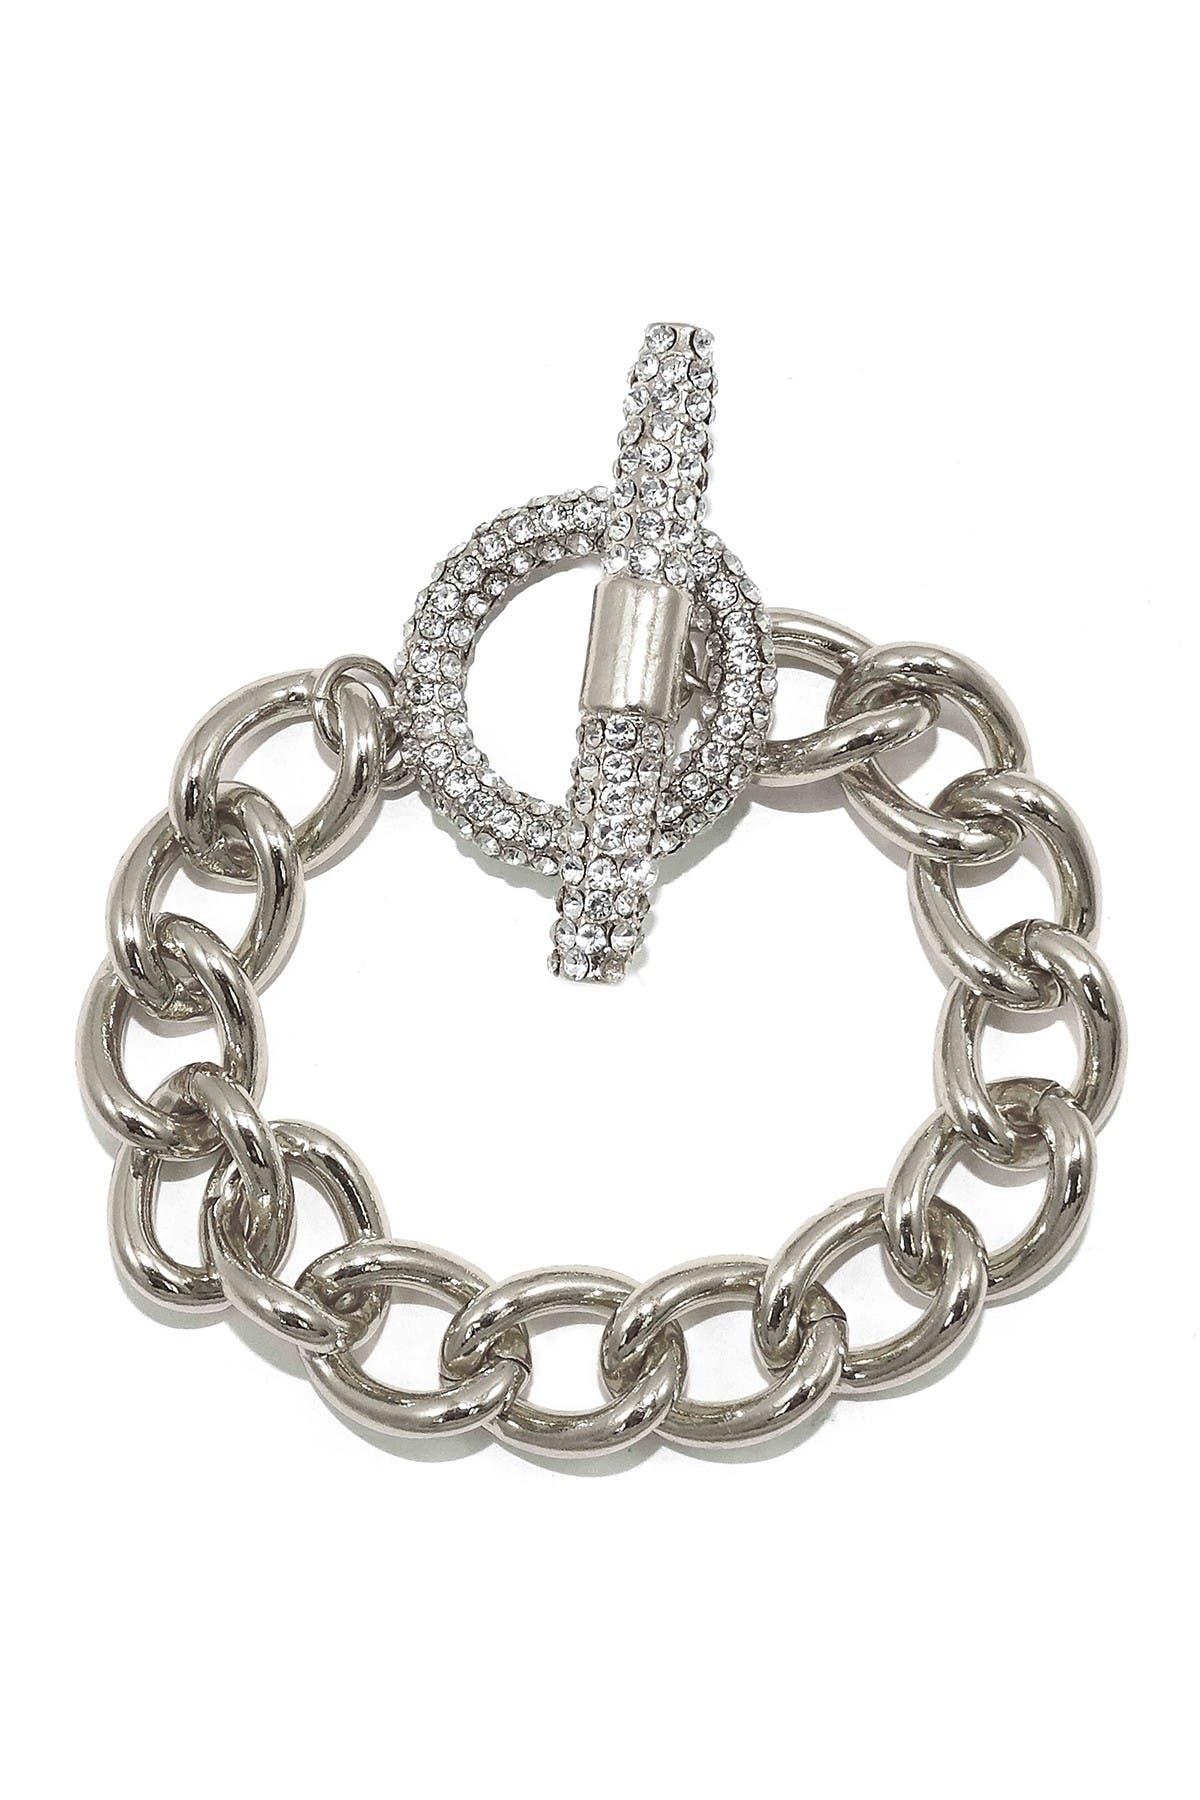 Image of Savvy Cie Cuban Link Pave CZ Toggle Bracelet